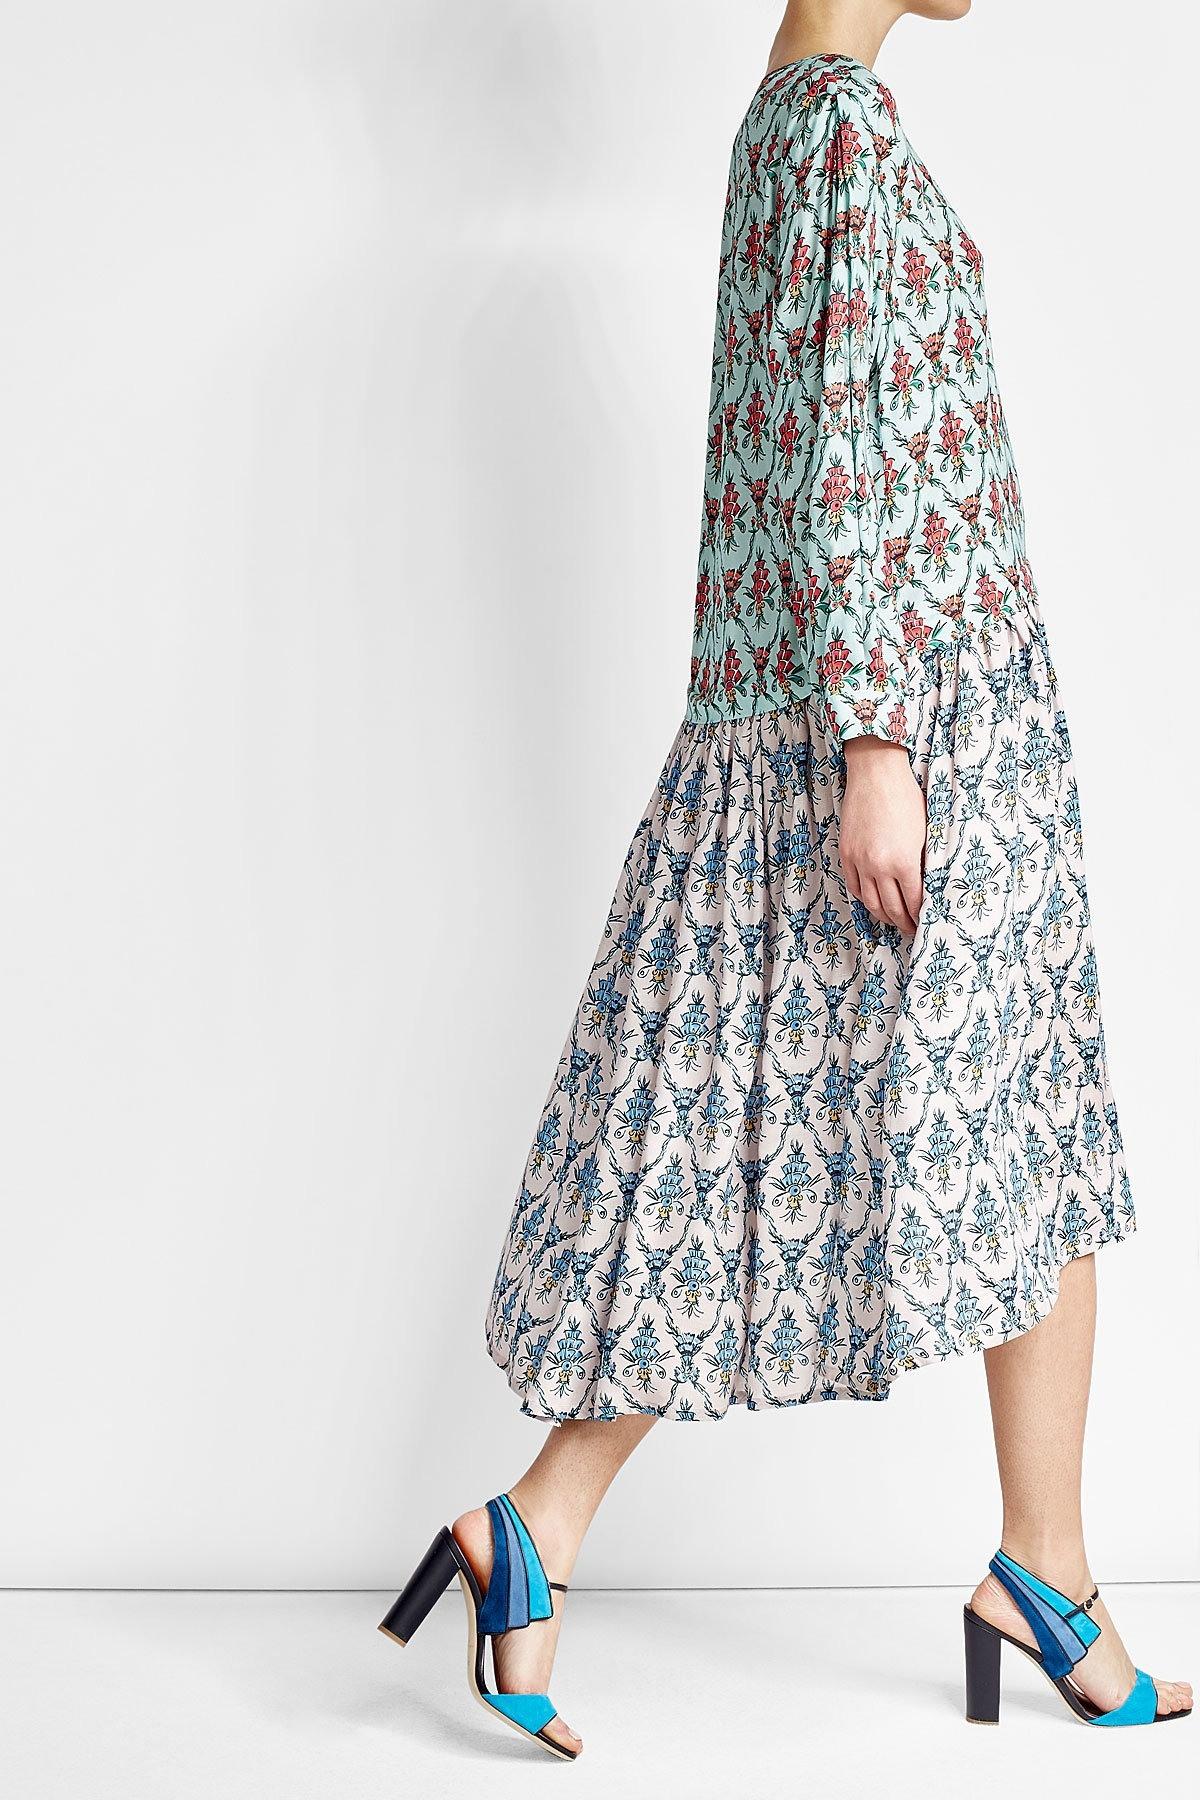 Designer Ausgezeichnet Damen Kleider Midi Galerie13 Schön Damen Kleider Midi Spezialgebiet